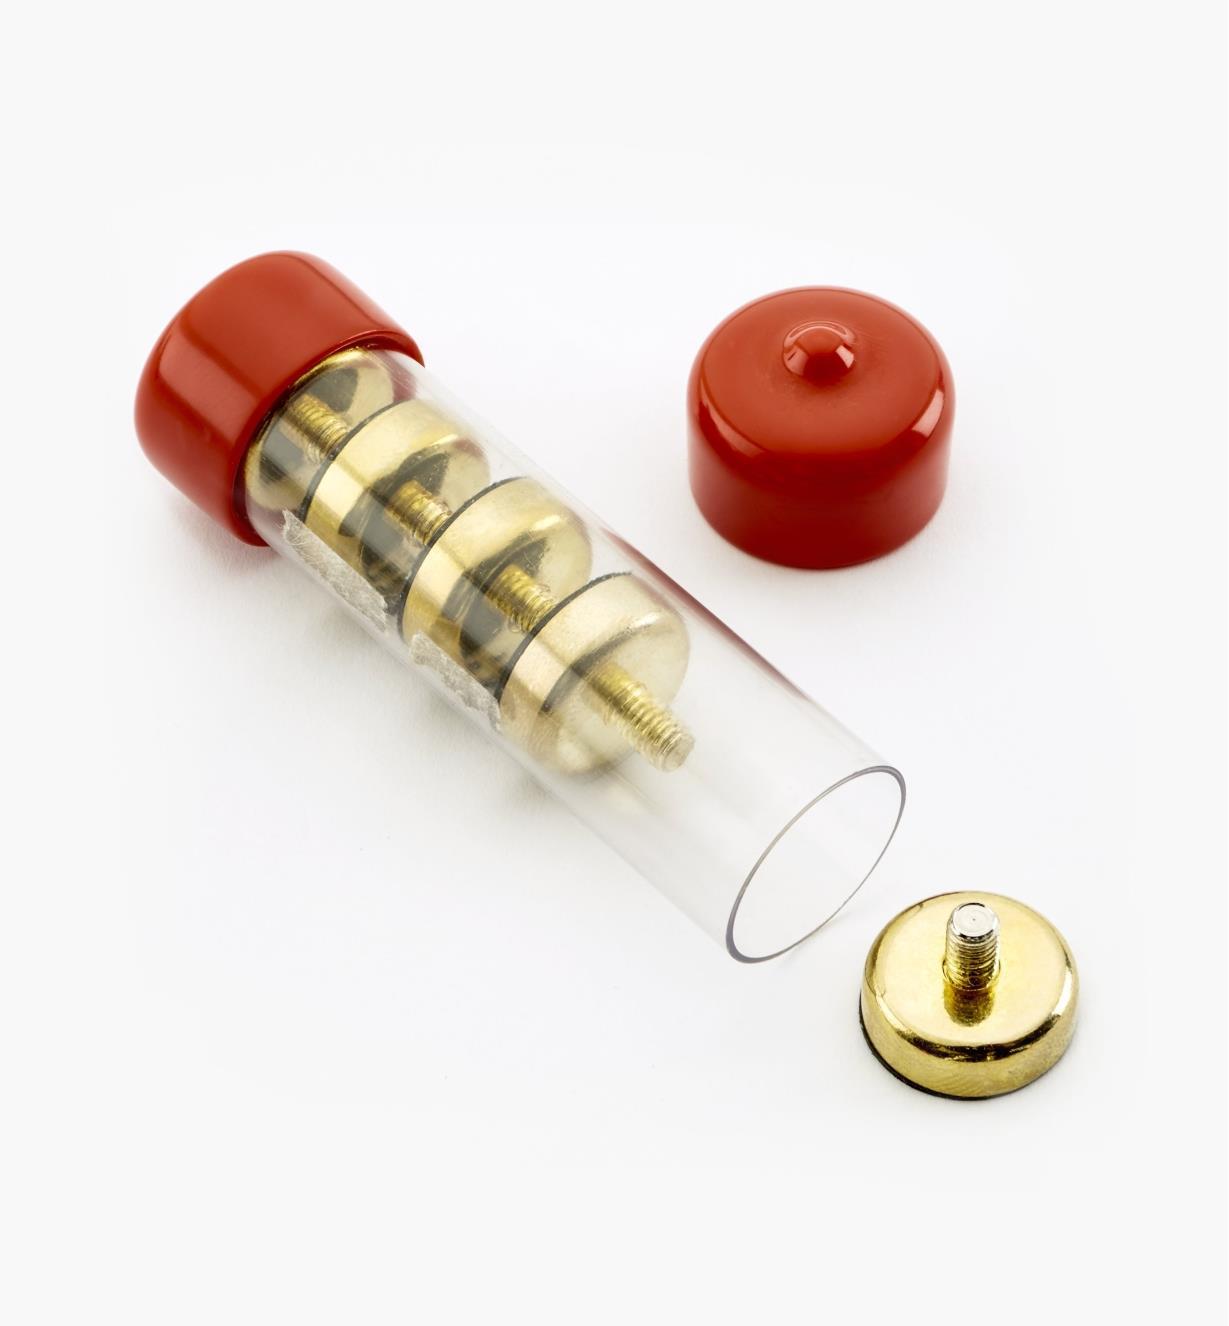 99K4516 - Socles magnétiques en laiton, 16 mm – FiletageM4, le paquet de 5